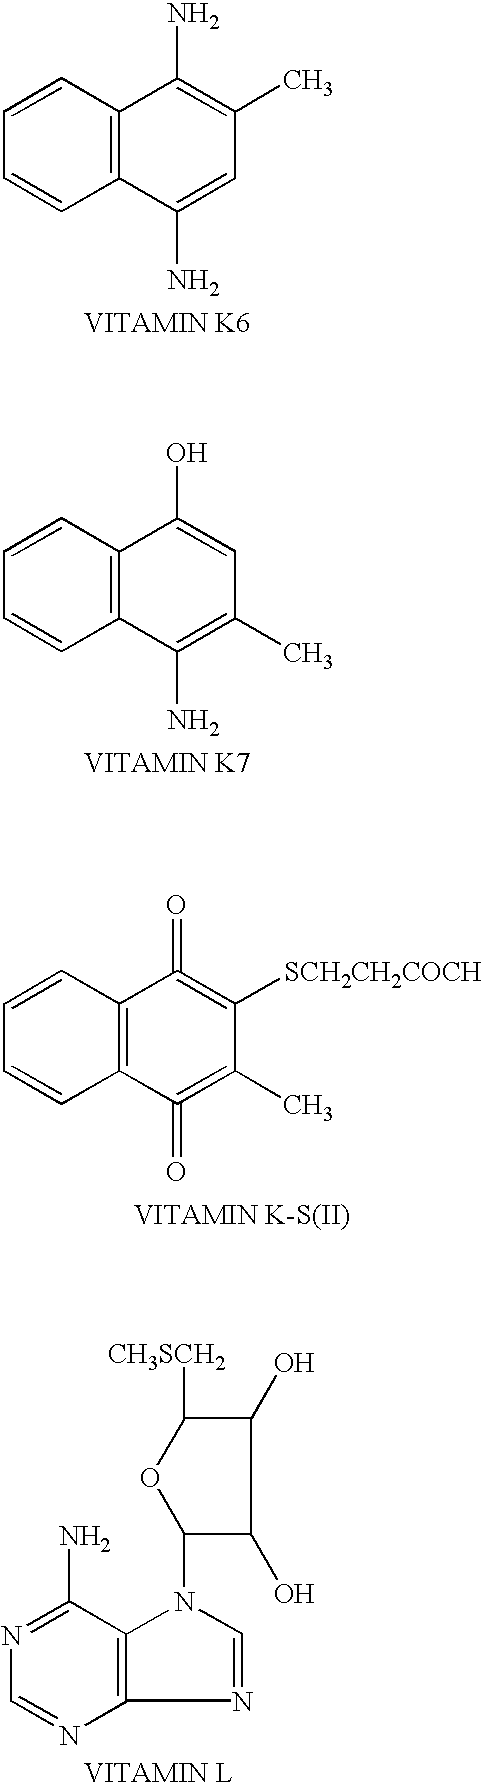 Figure US06548241-20030415-C00002